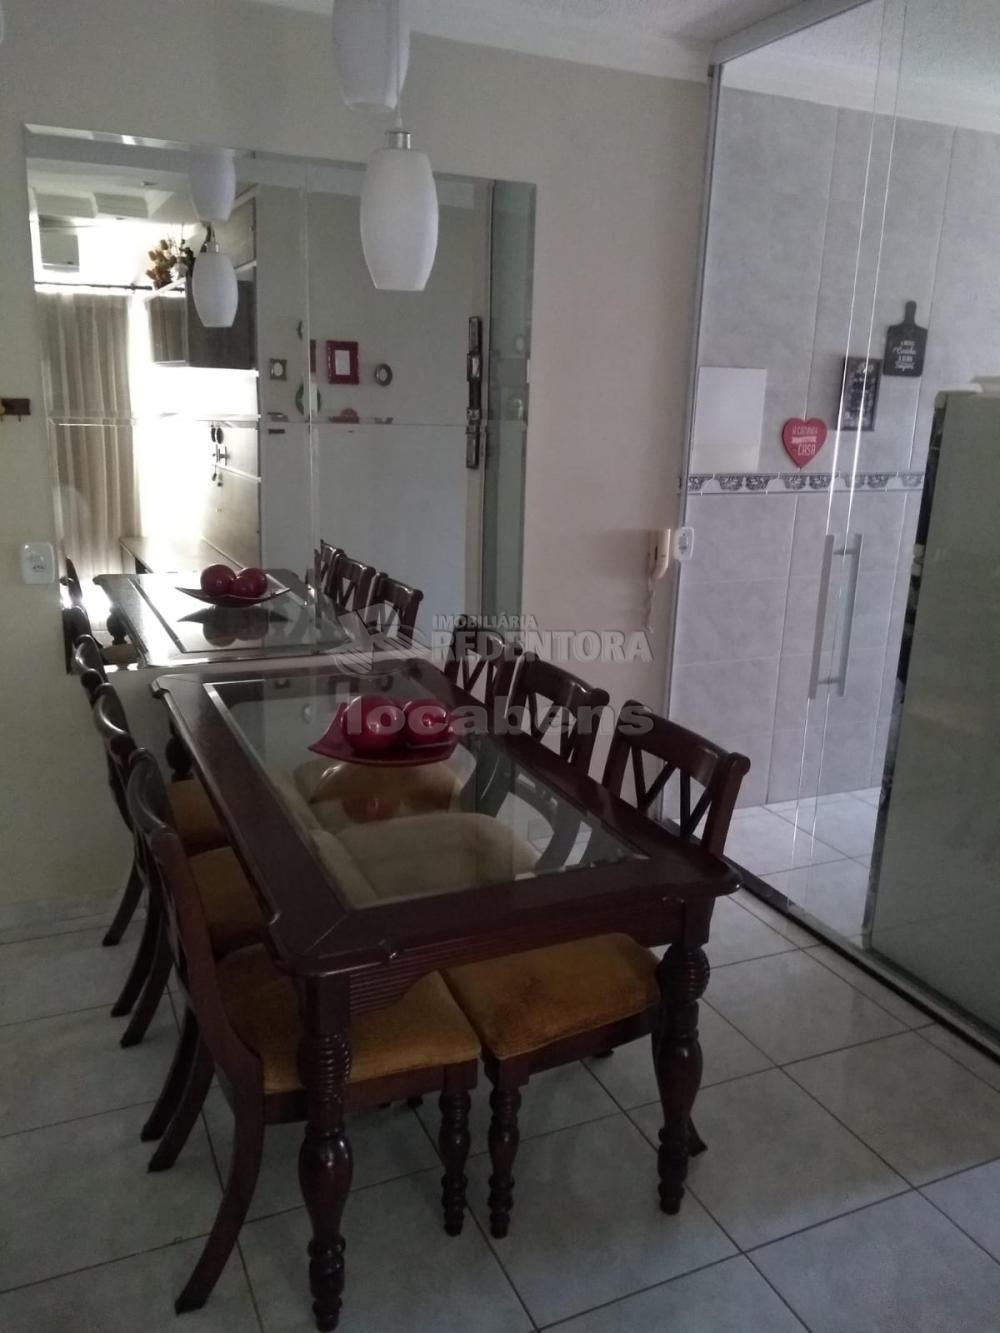 Comprar Apartamento / Padrão em São José do Rio Preto R$ 215.000,00 - Foto 4